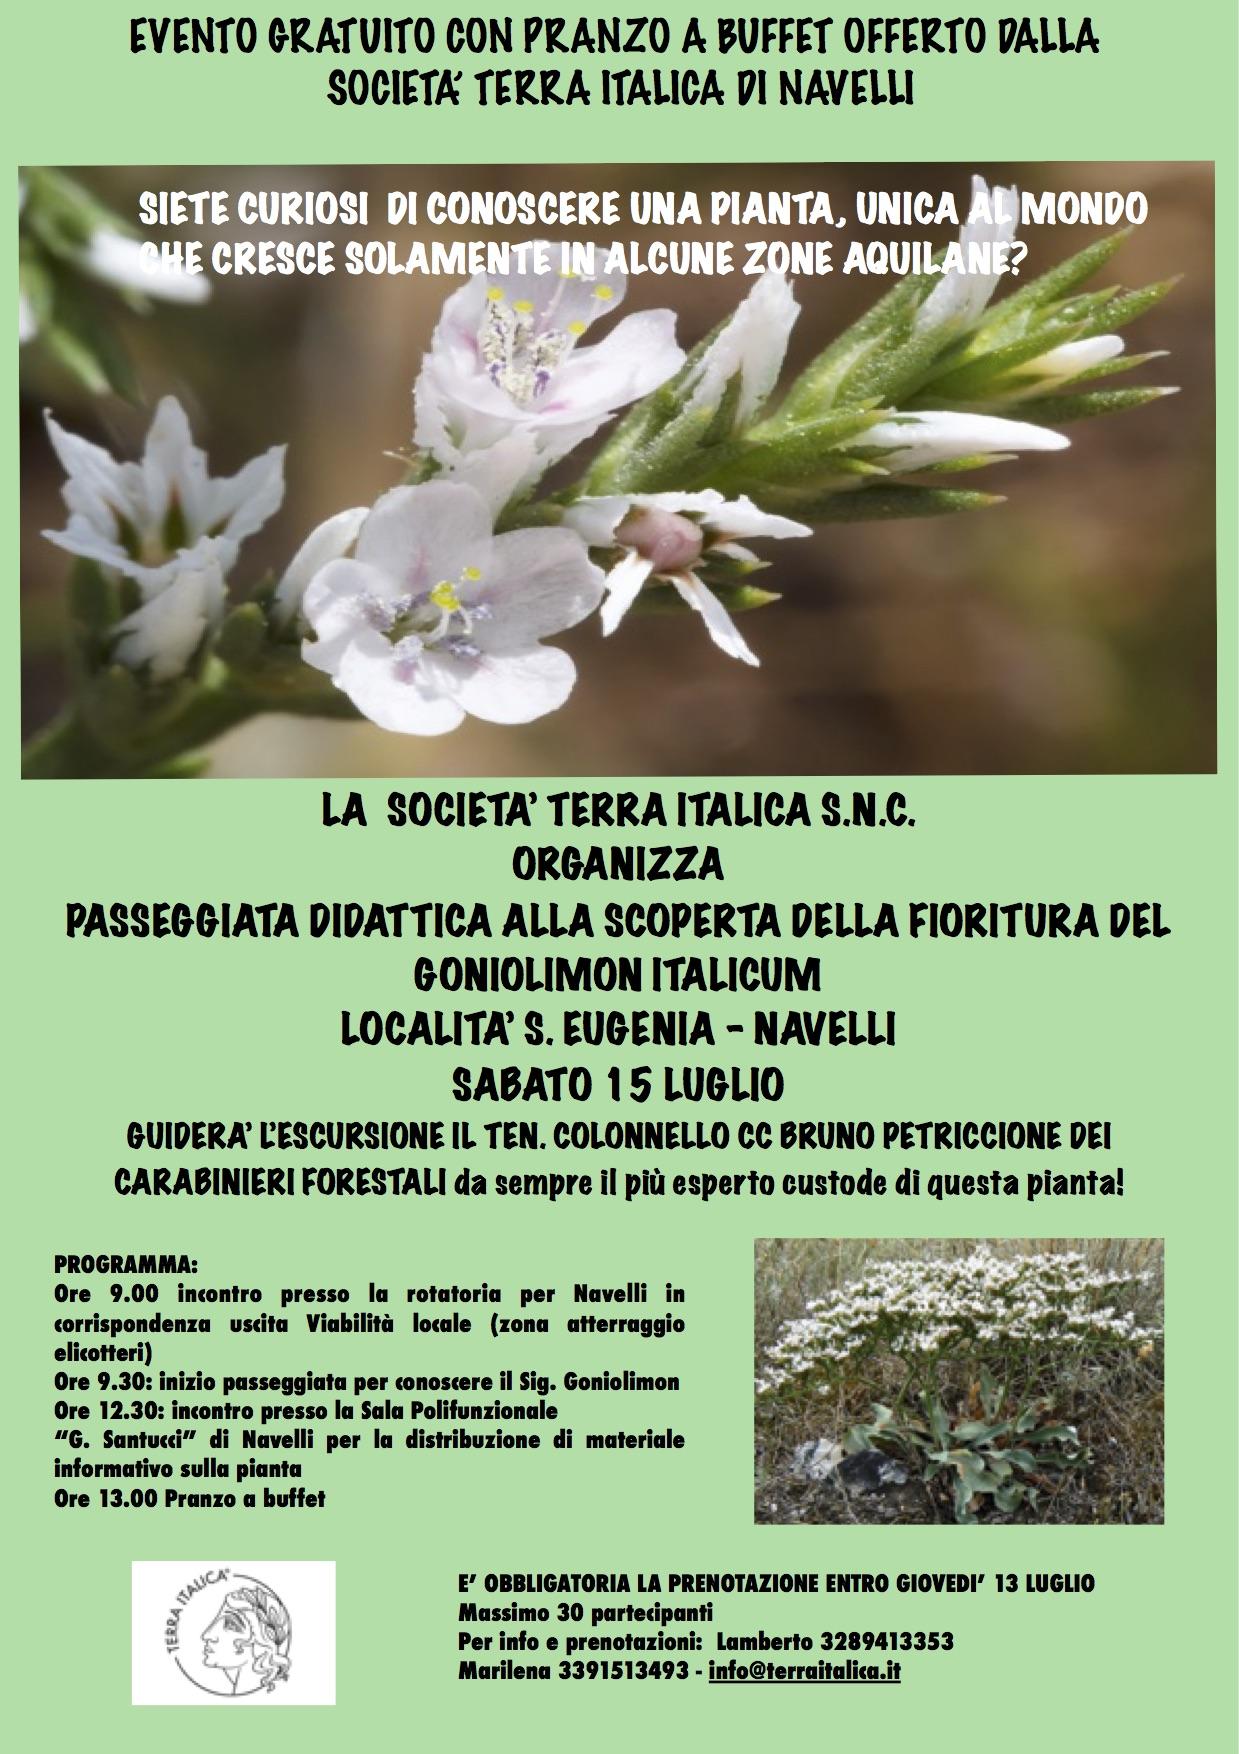 LOcandina passeggiata alla visita del Goniolimon italicum